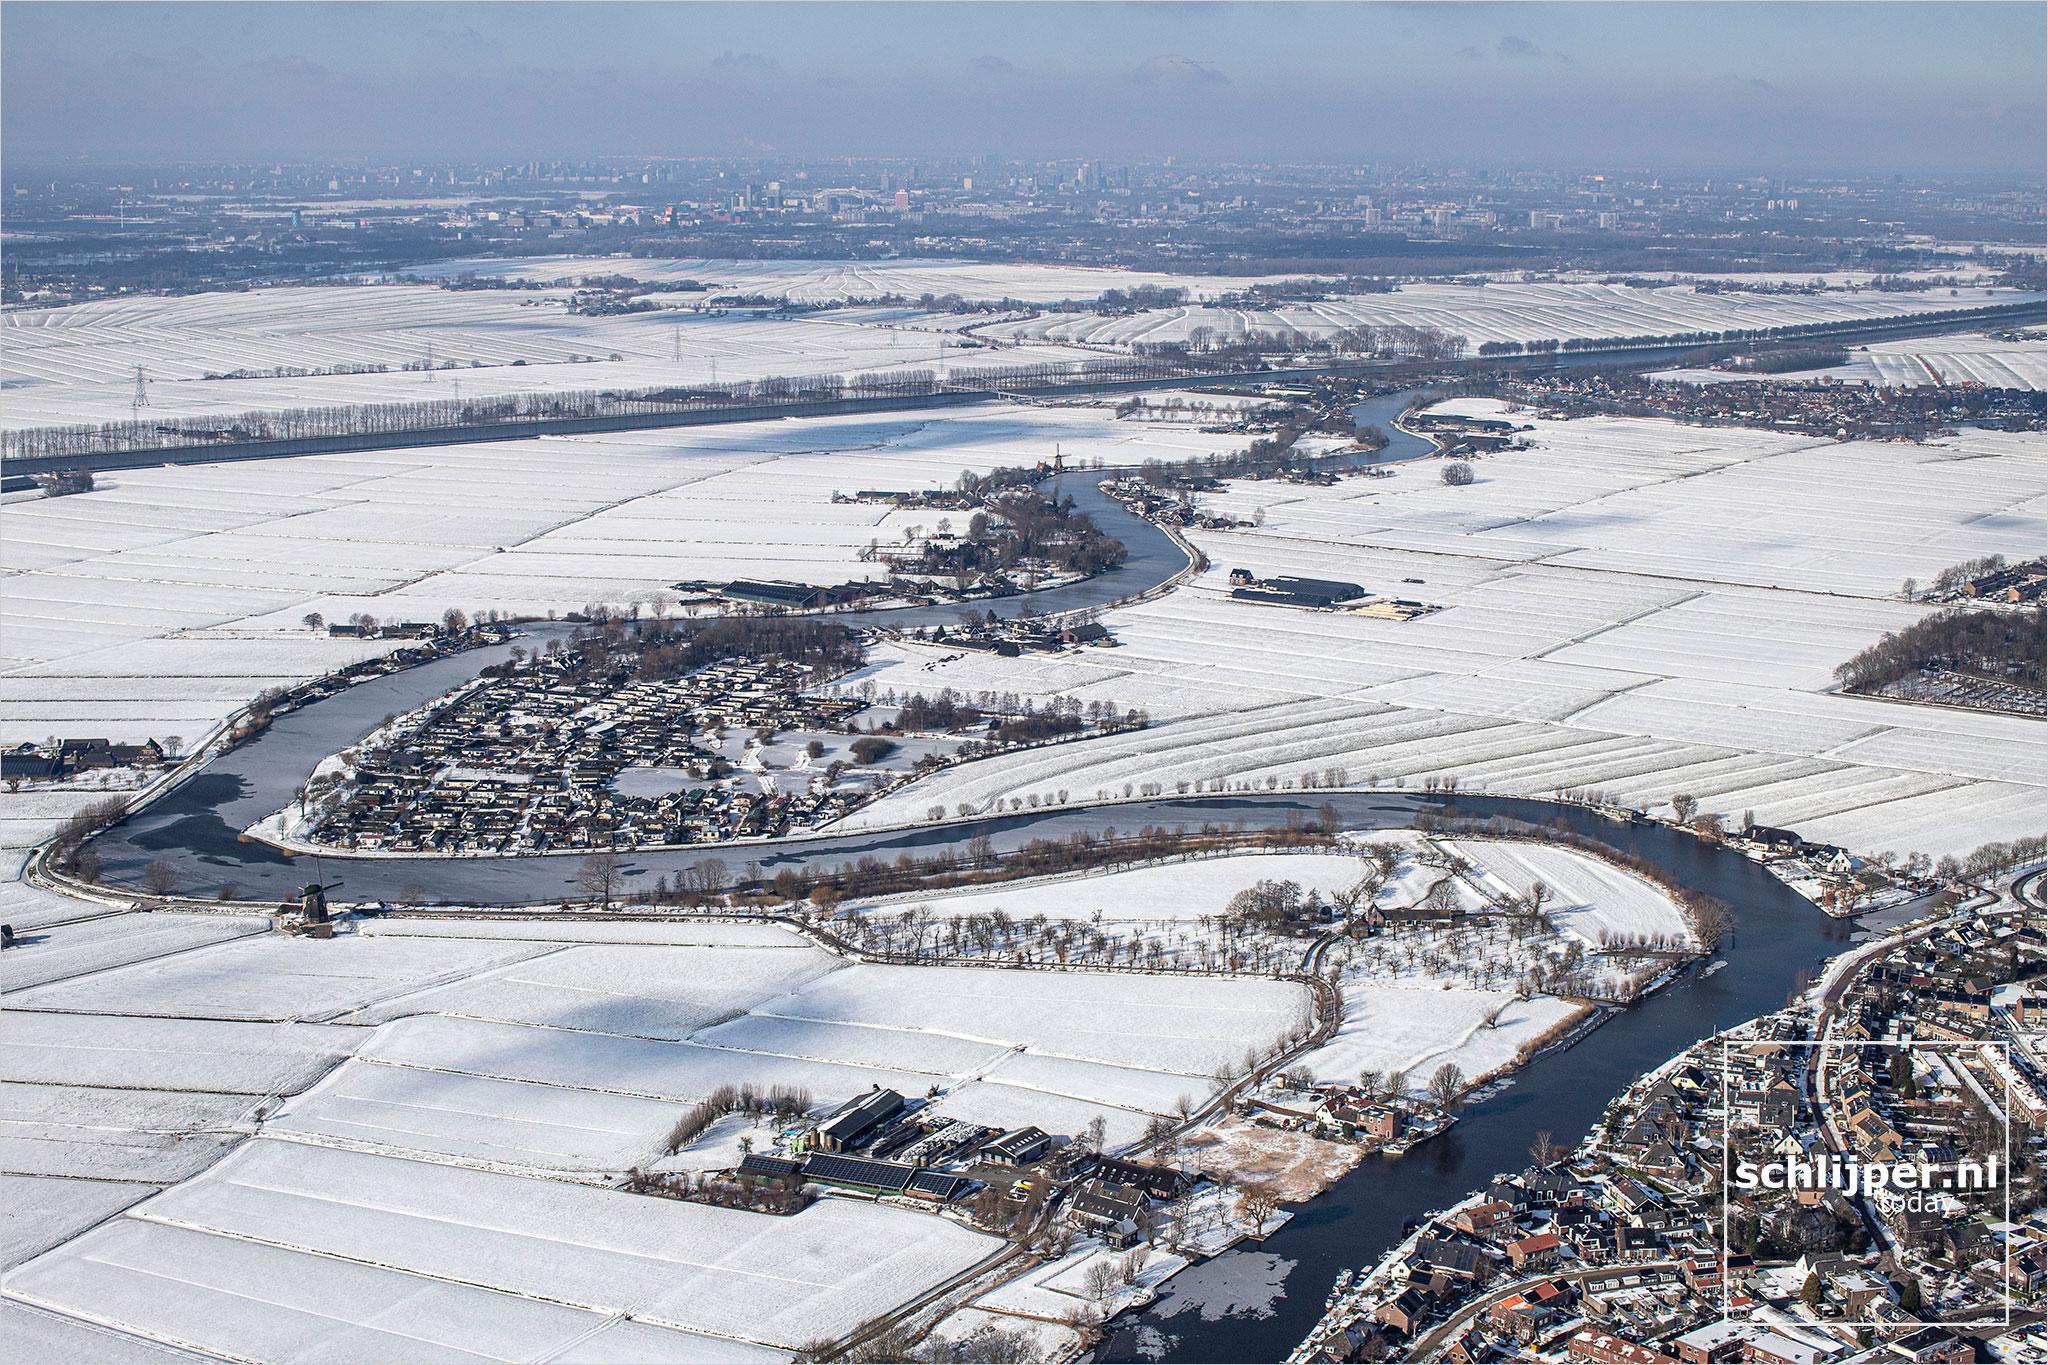 The Netherlands, Nederhorst den Berg, 12 februari 2021